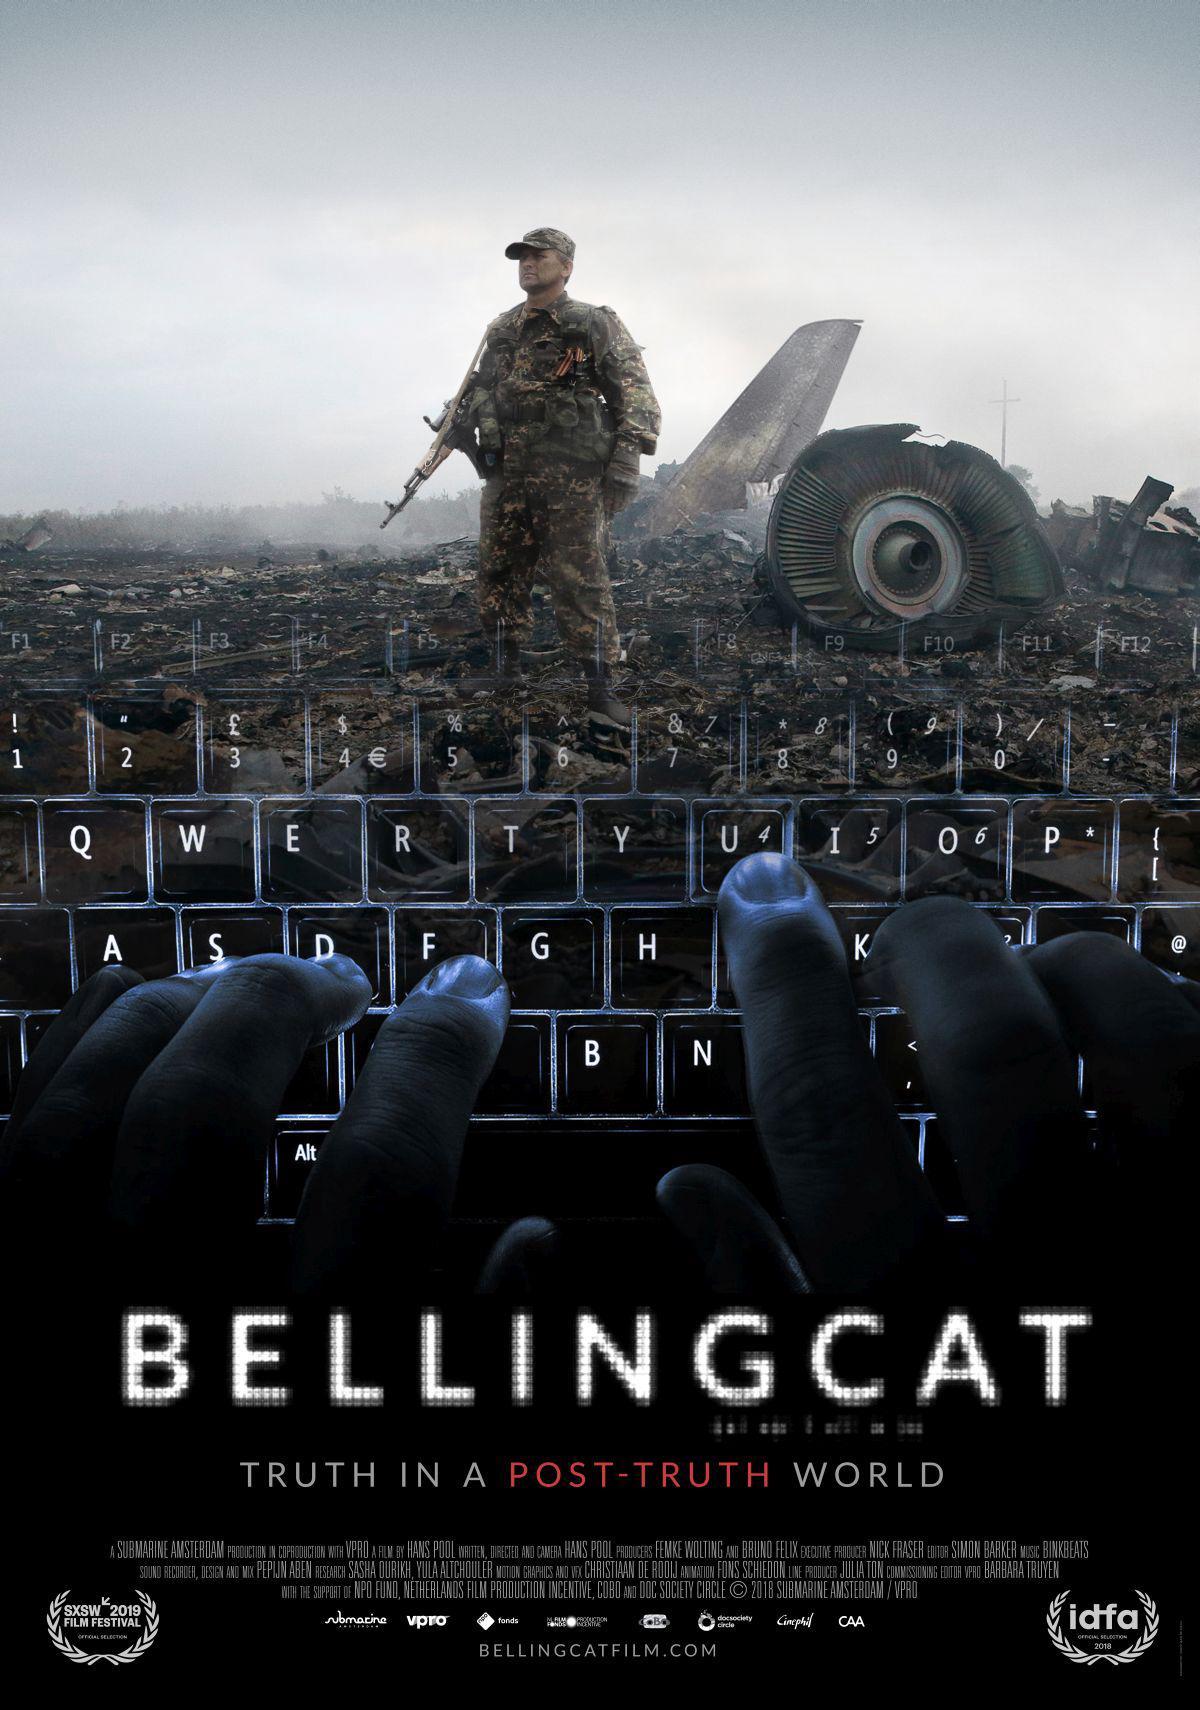 Bellingcat: prawda w czasach postprawdy (Bellingcat:           Truth in a Post-Truth World) 2018 | Against Gravity